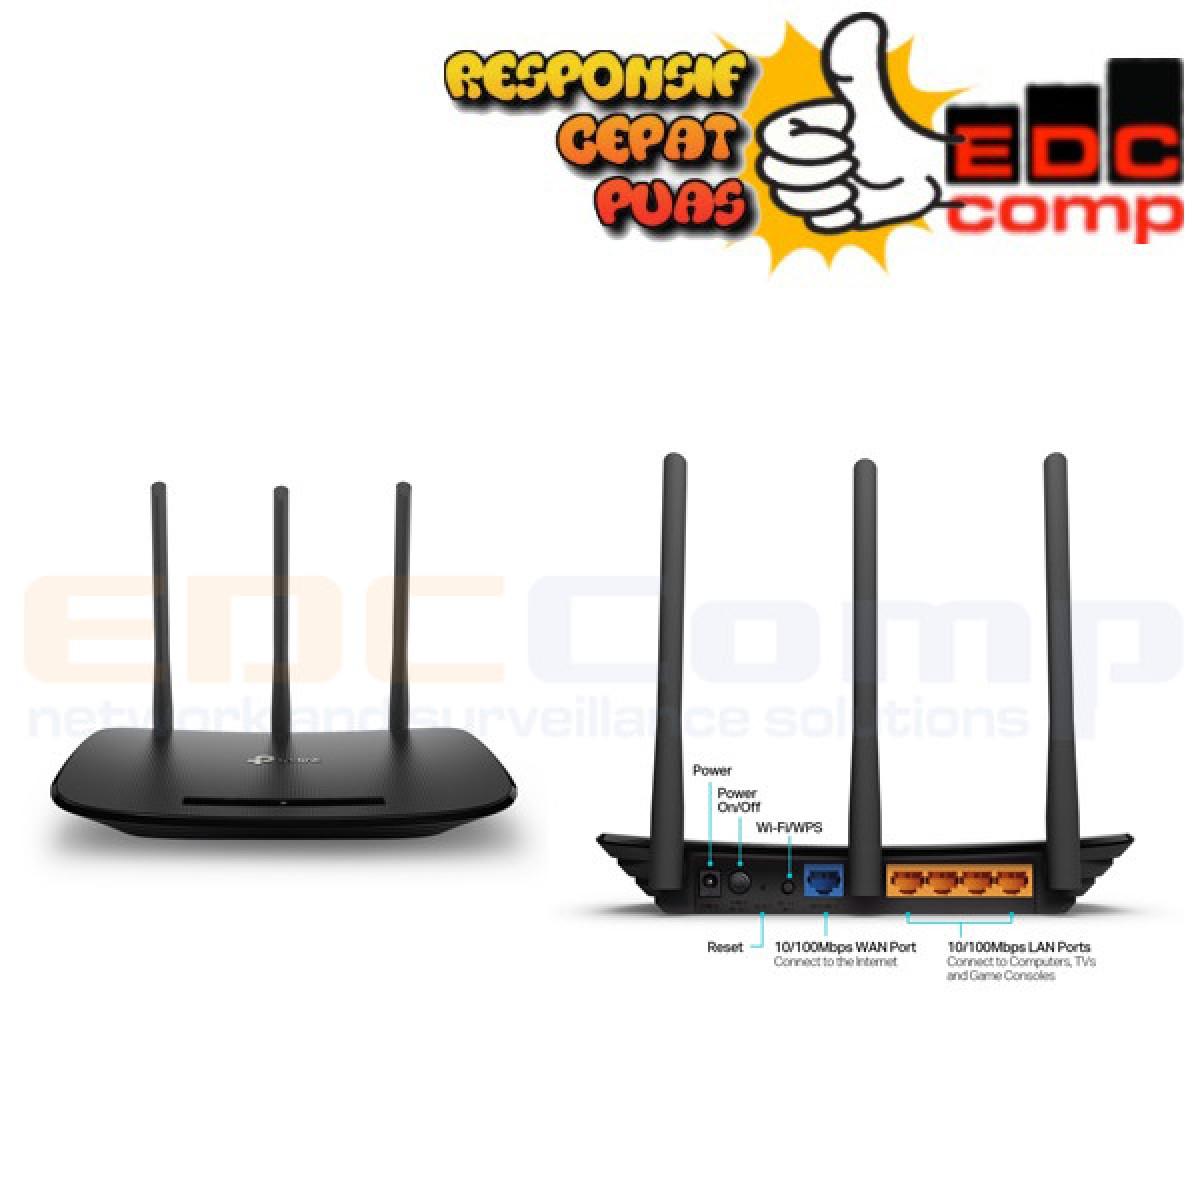 TP-LINK TL-WR940N 450 Mbps Wireless N Router TPLINK TP LINK - EdcComp